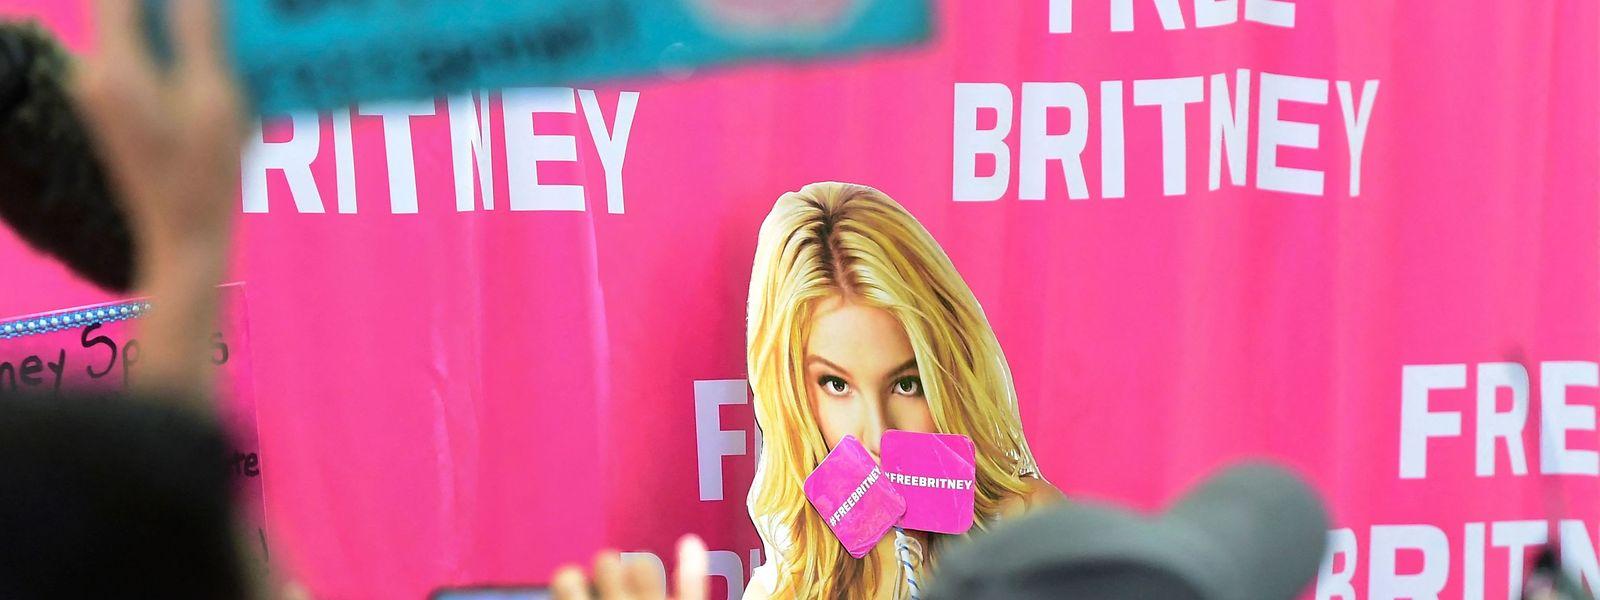 """Unterstützer von Britney Spears haben sich vor dem Gerichtsgebäude versammelt und tragen Banner mit der Aufschrift """"Free Britney""""."""